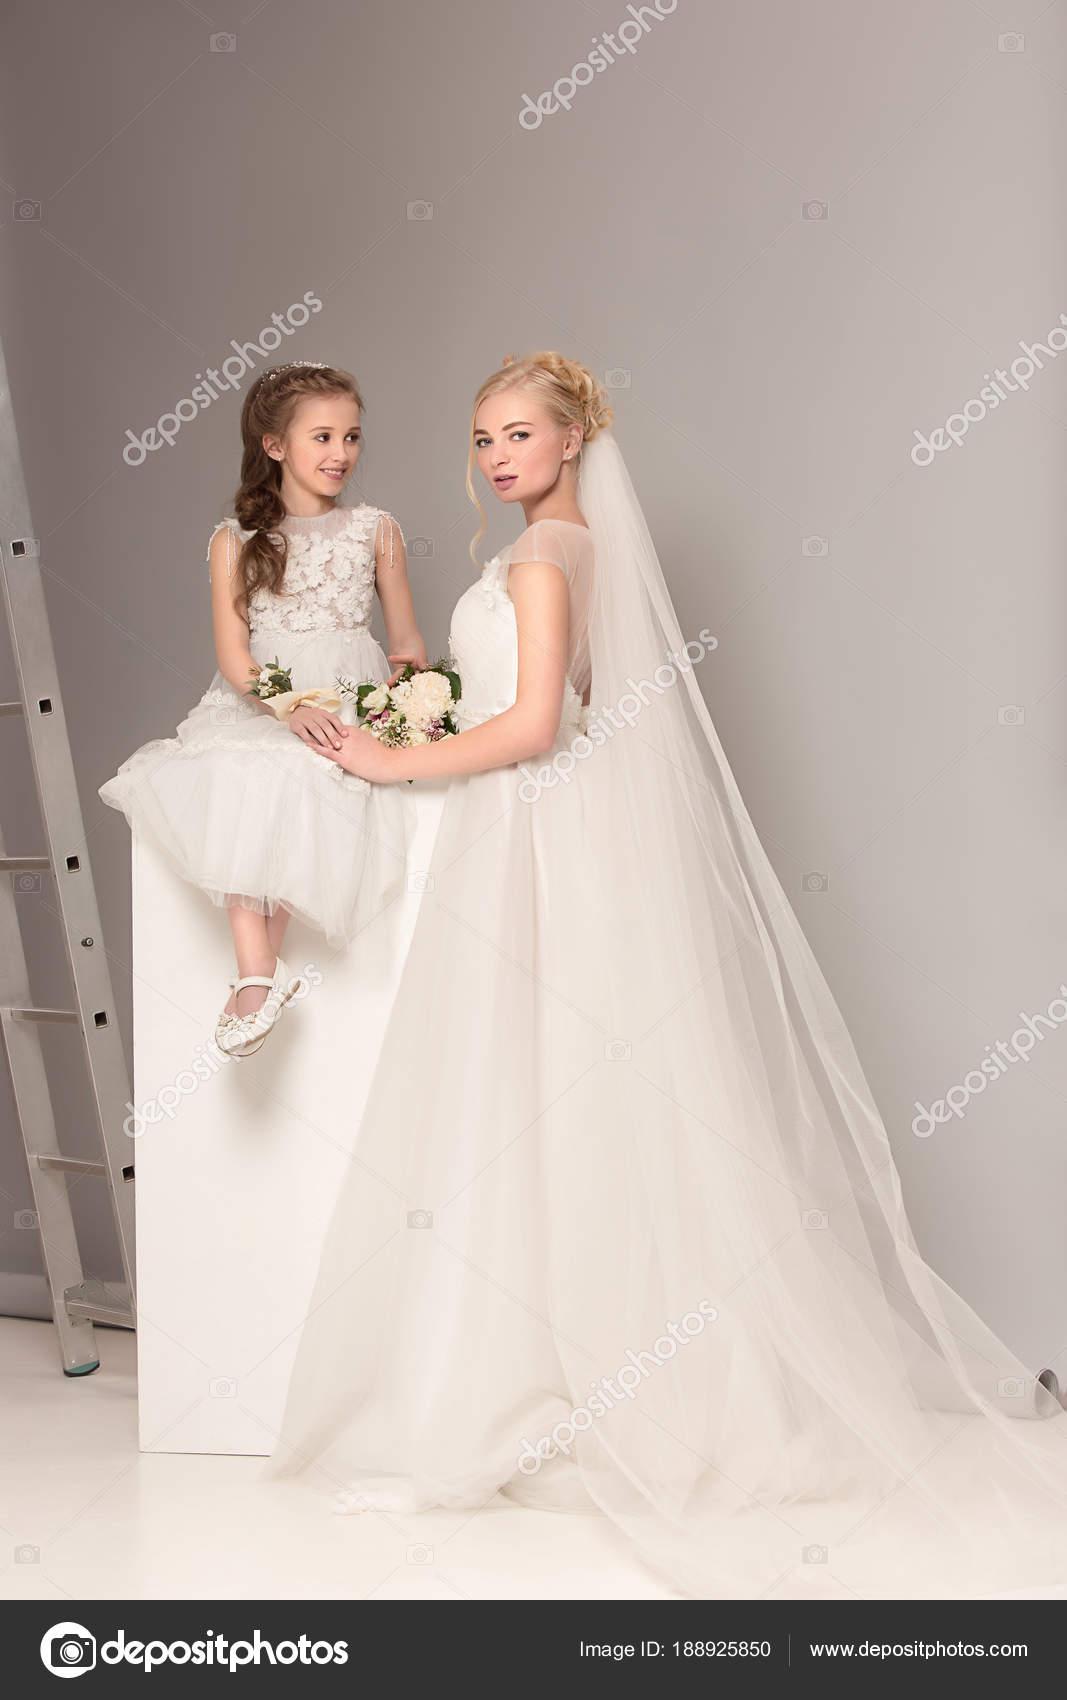 Hezká holčička s květinami a ženské nevěsta na sobě svatební šaty. Krásná  malá přítelkyně. holky sní o svatbě. Krása 4b13c7cece